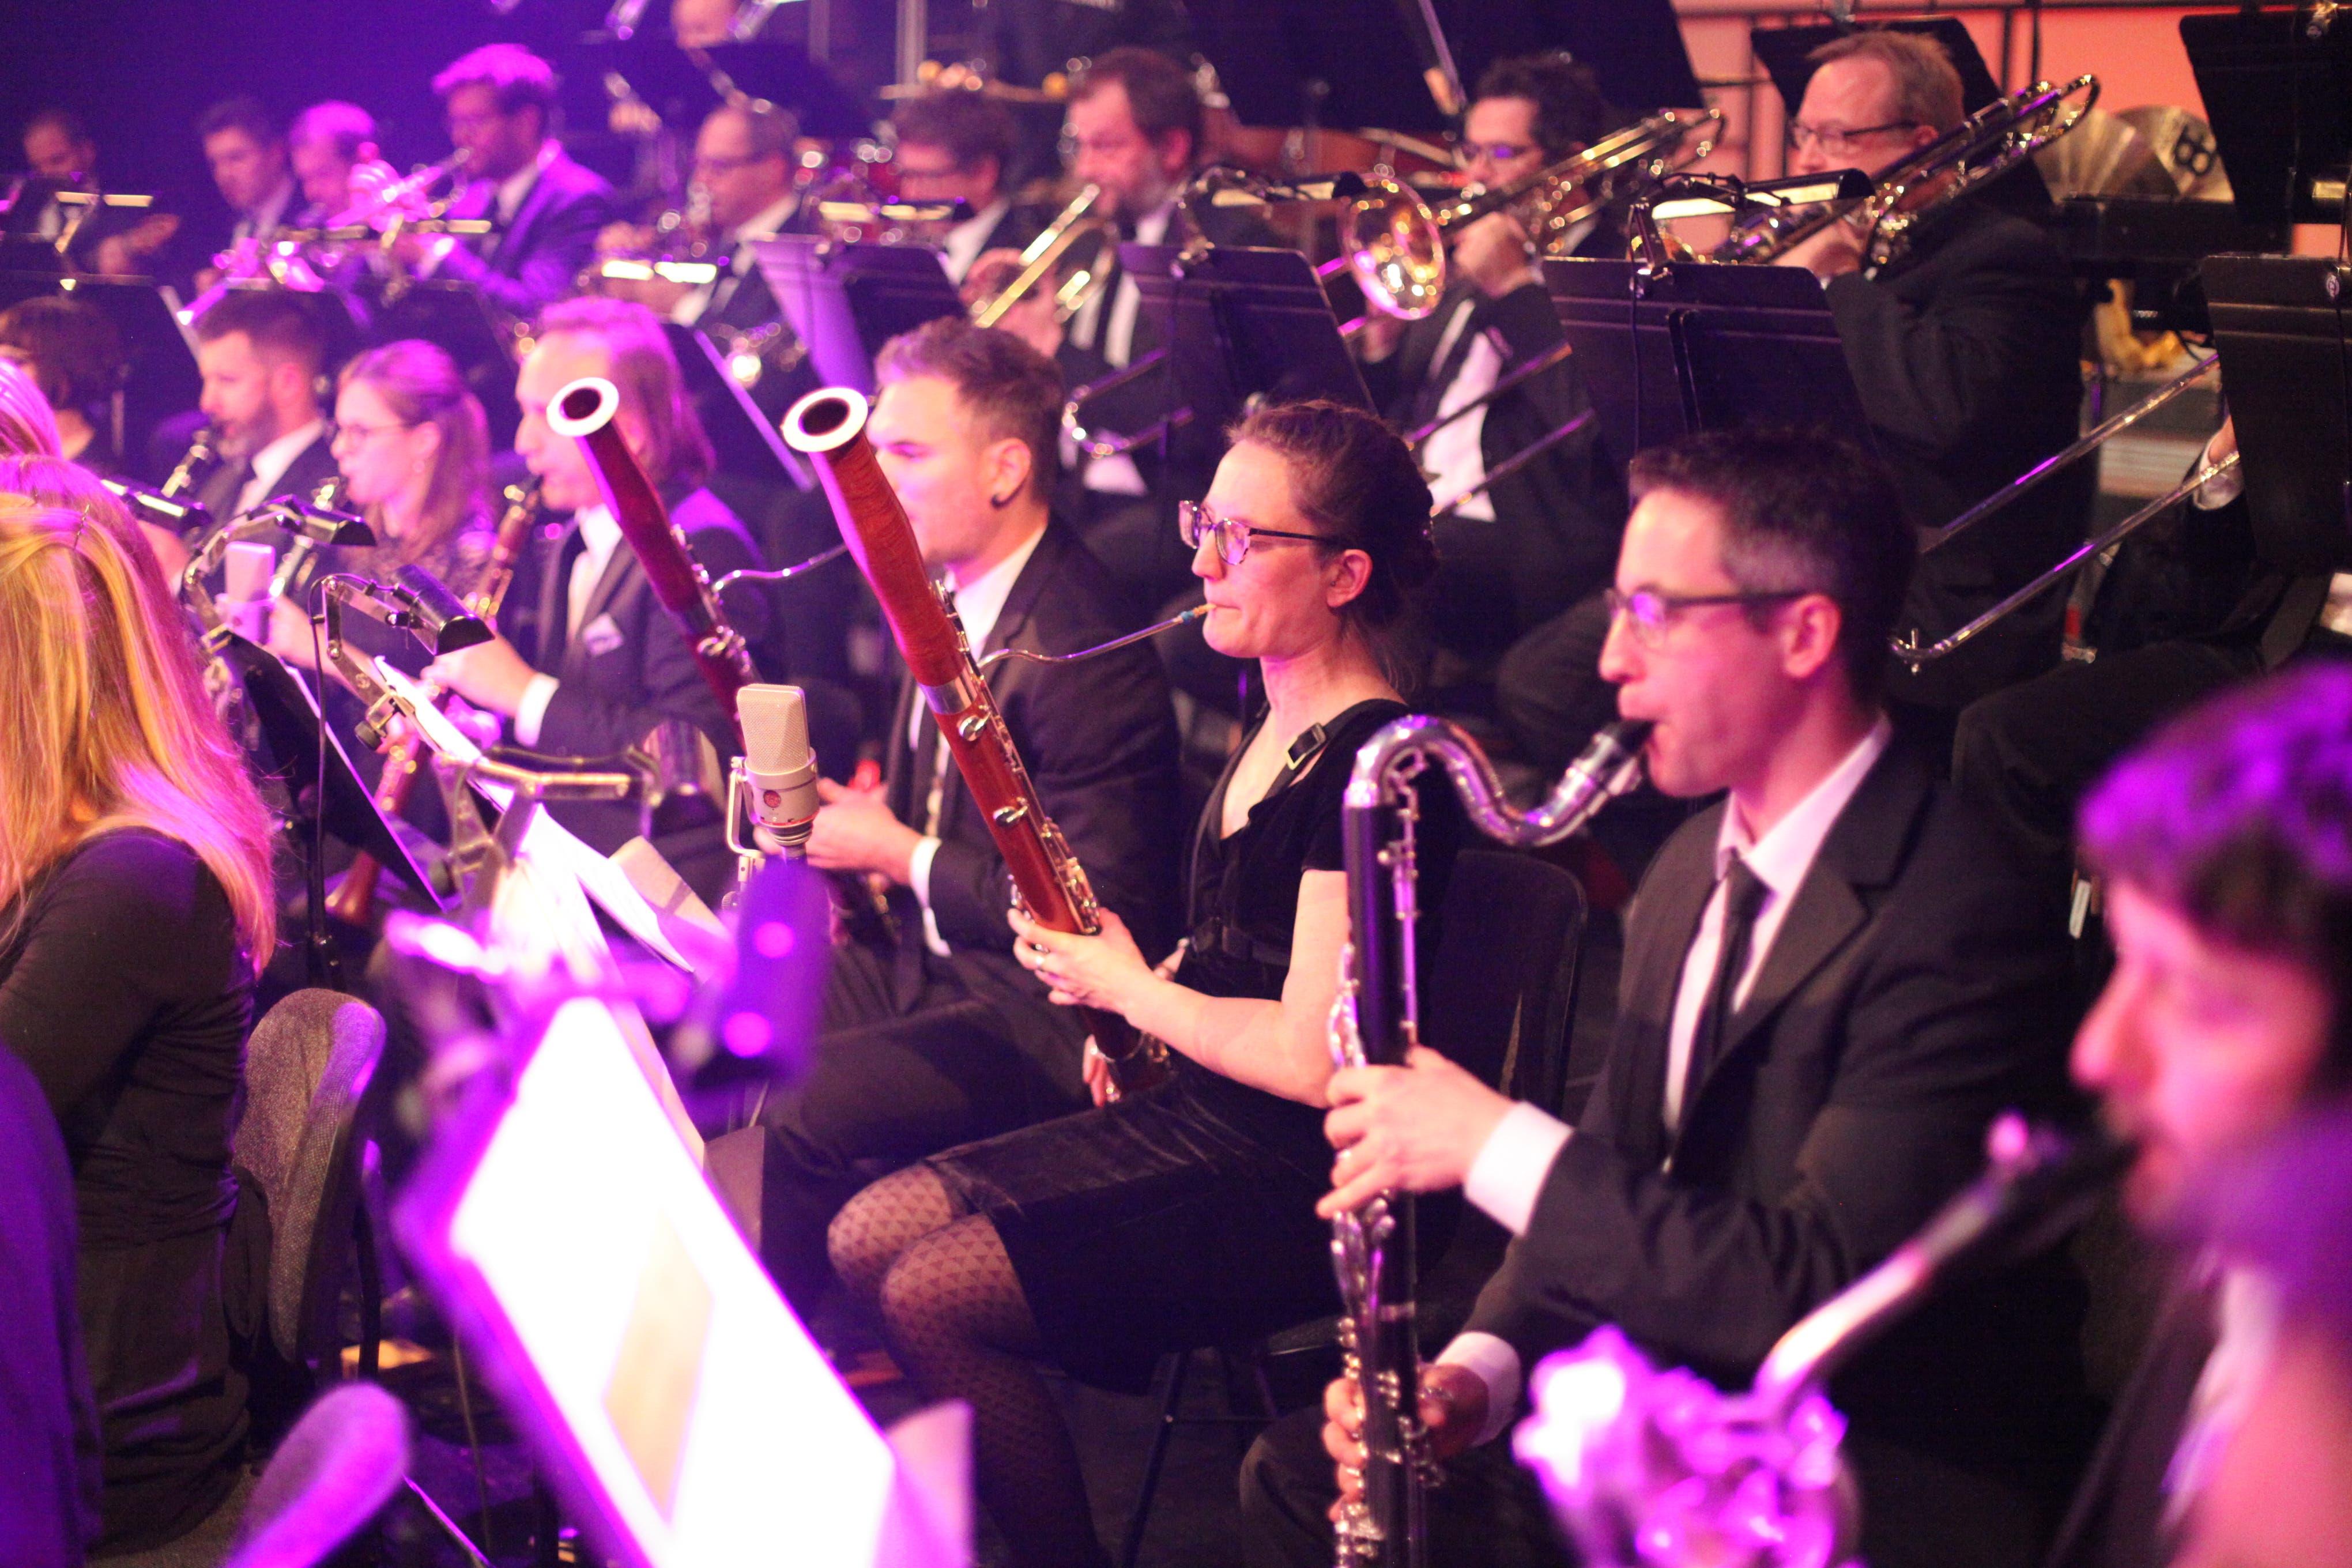 TRiEvent: Bei grossen symphonischen Urner Konzerterlebnis wurde auch mit vielen Lichteffekten gearbeitet. (Bild: Florian Arnold)